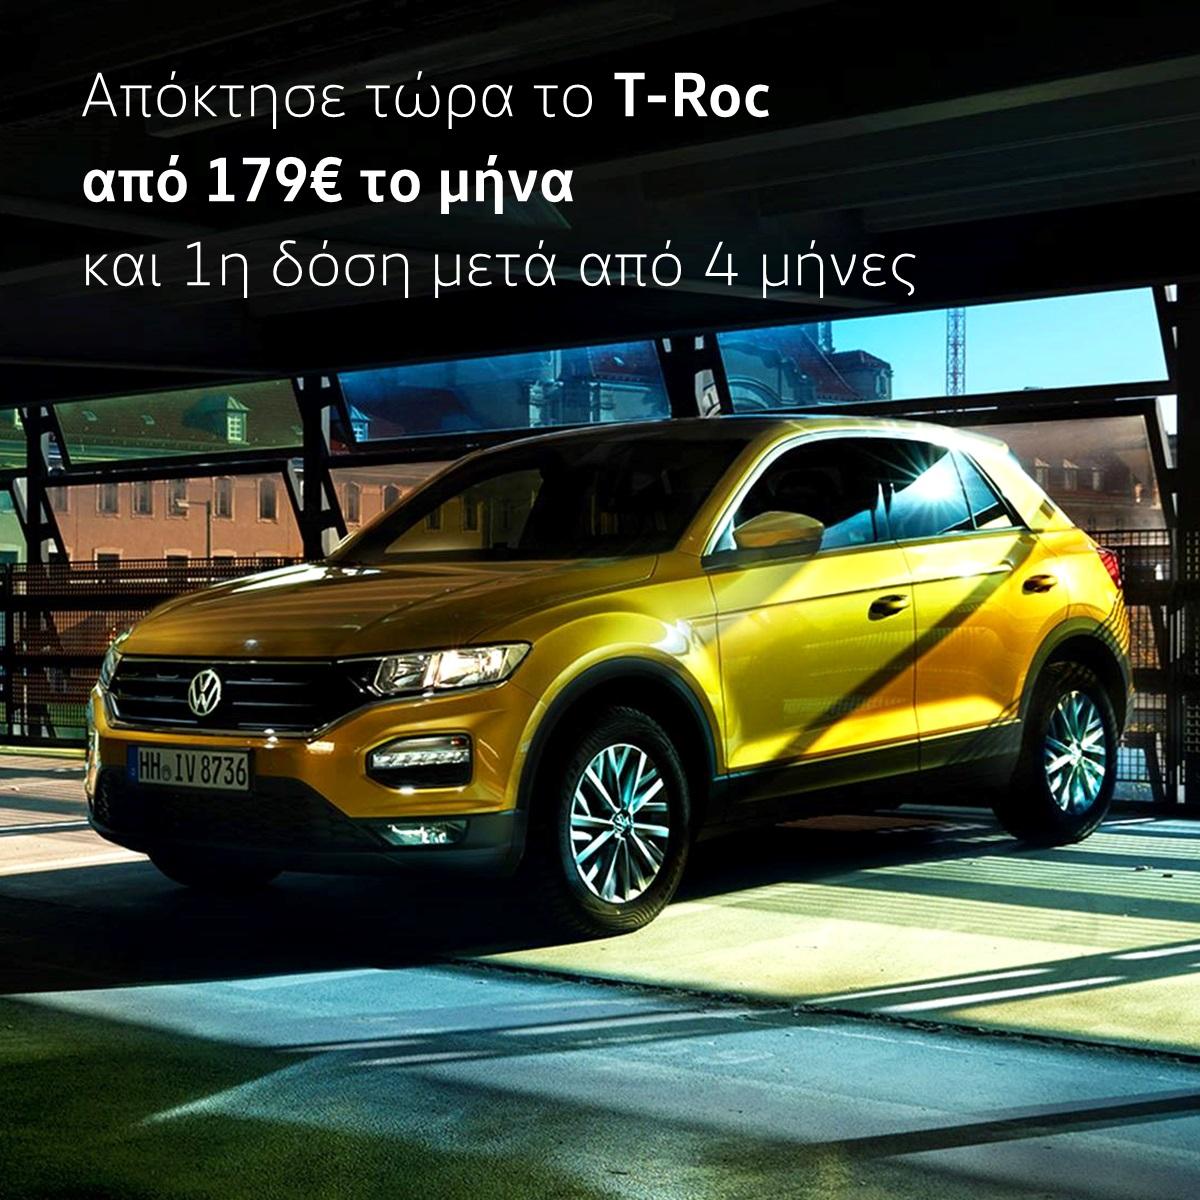 Προσφορά Volkswagen T-Roc από 179€/μήνα